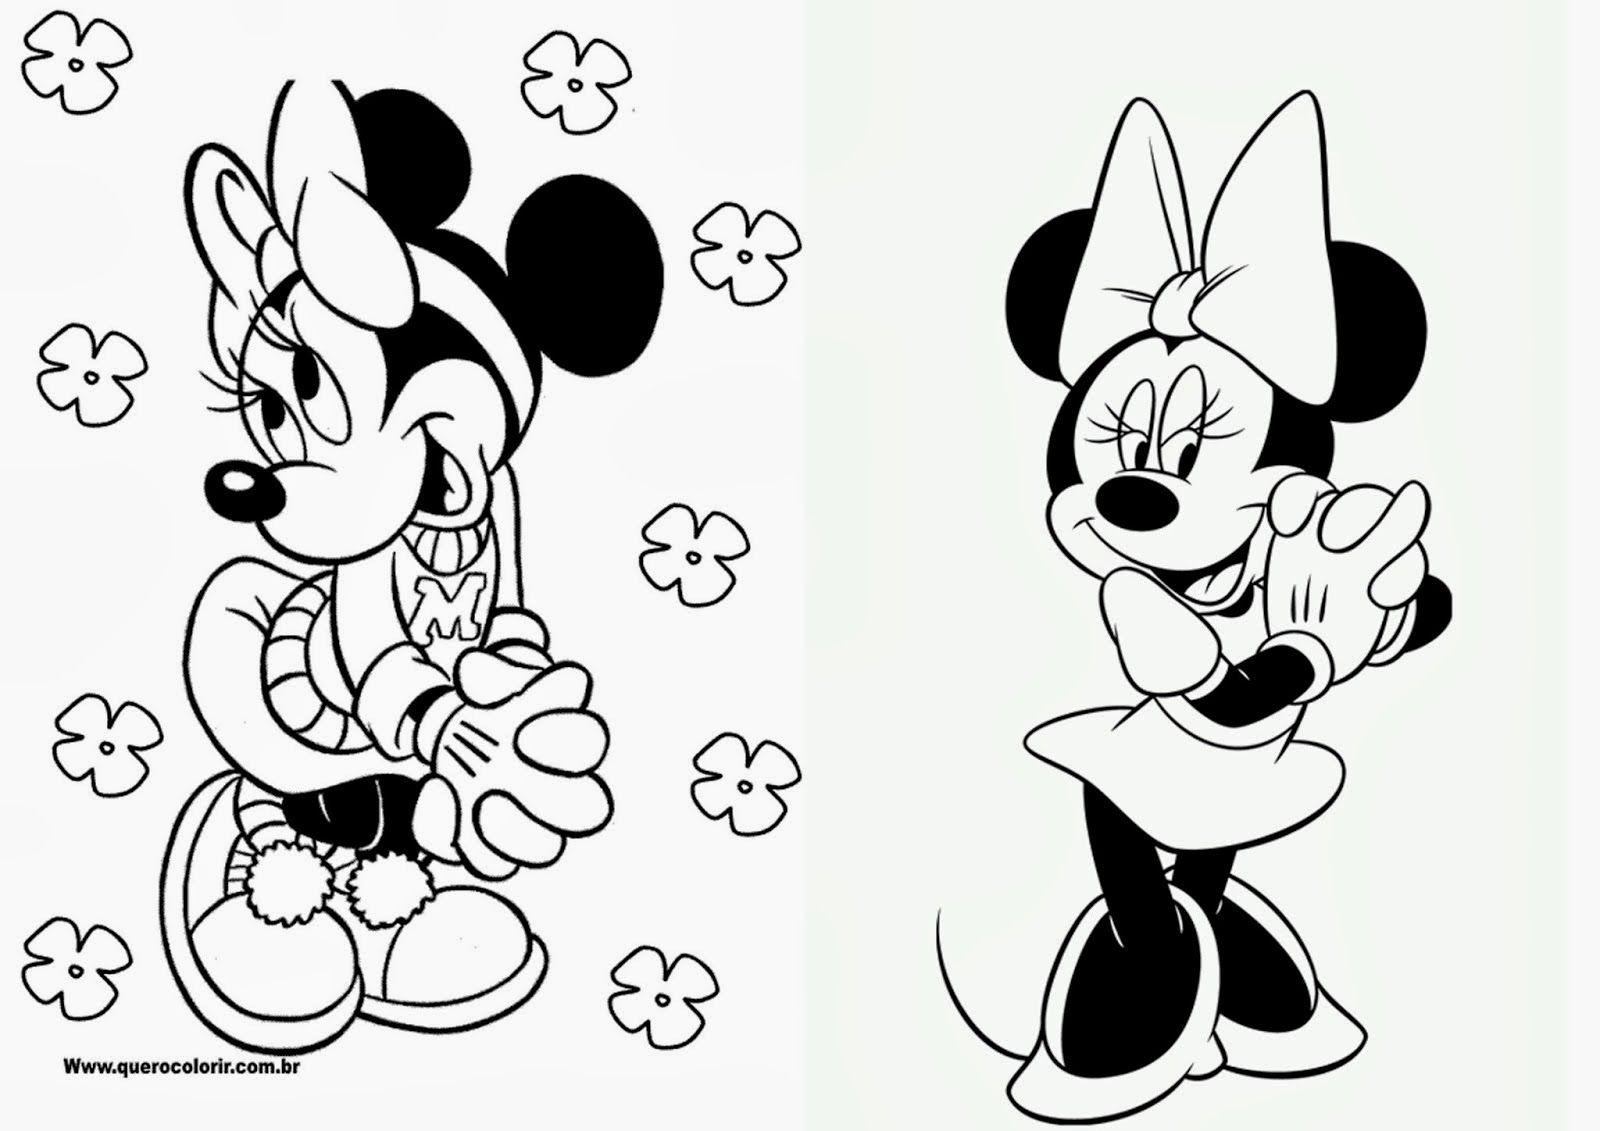 Minnie Libro Para Colorear Para Imprimir Gratis En 2020 Colorear Disney Libros Para Colorear Dibujos Mickey